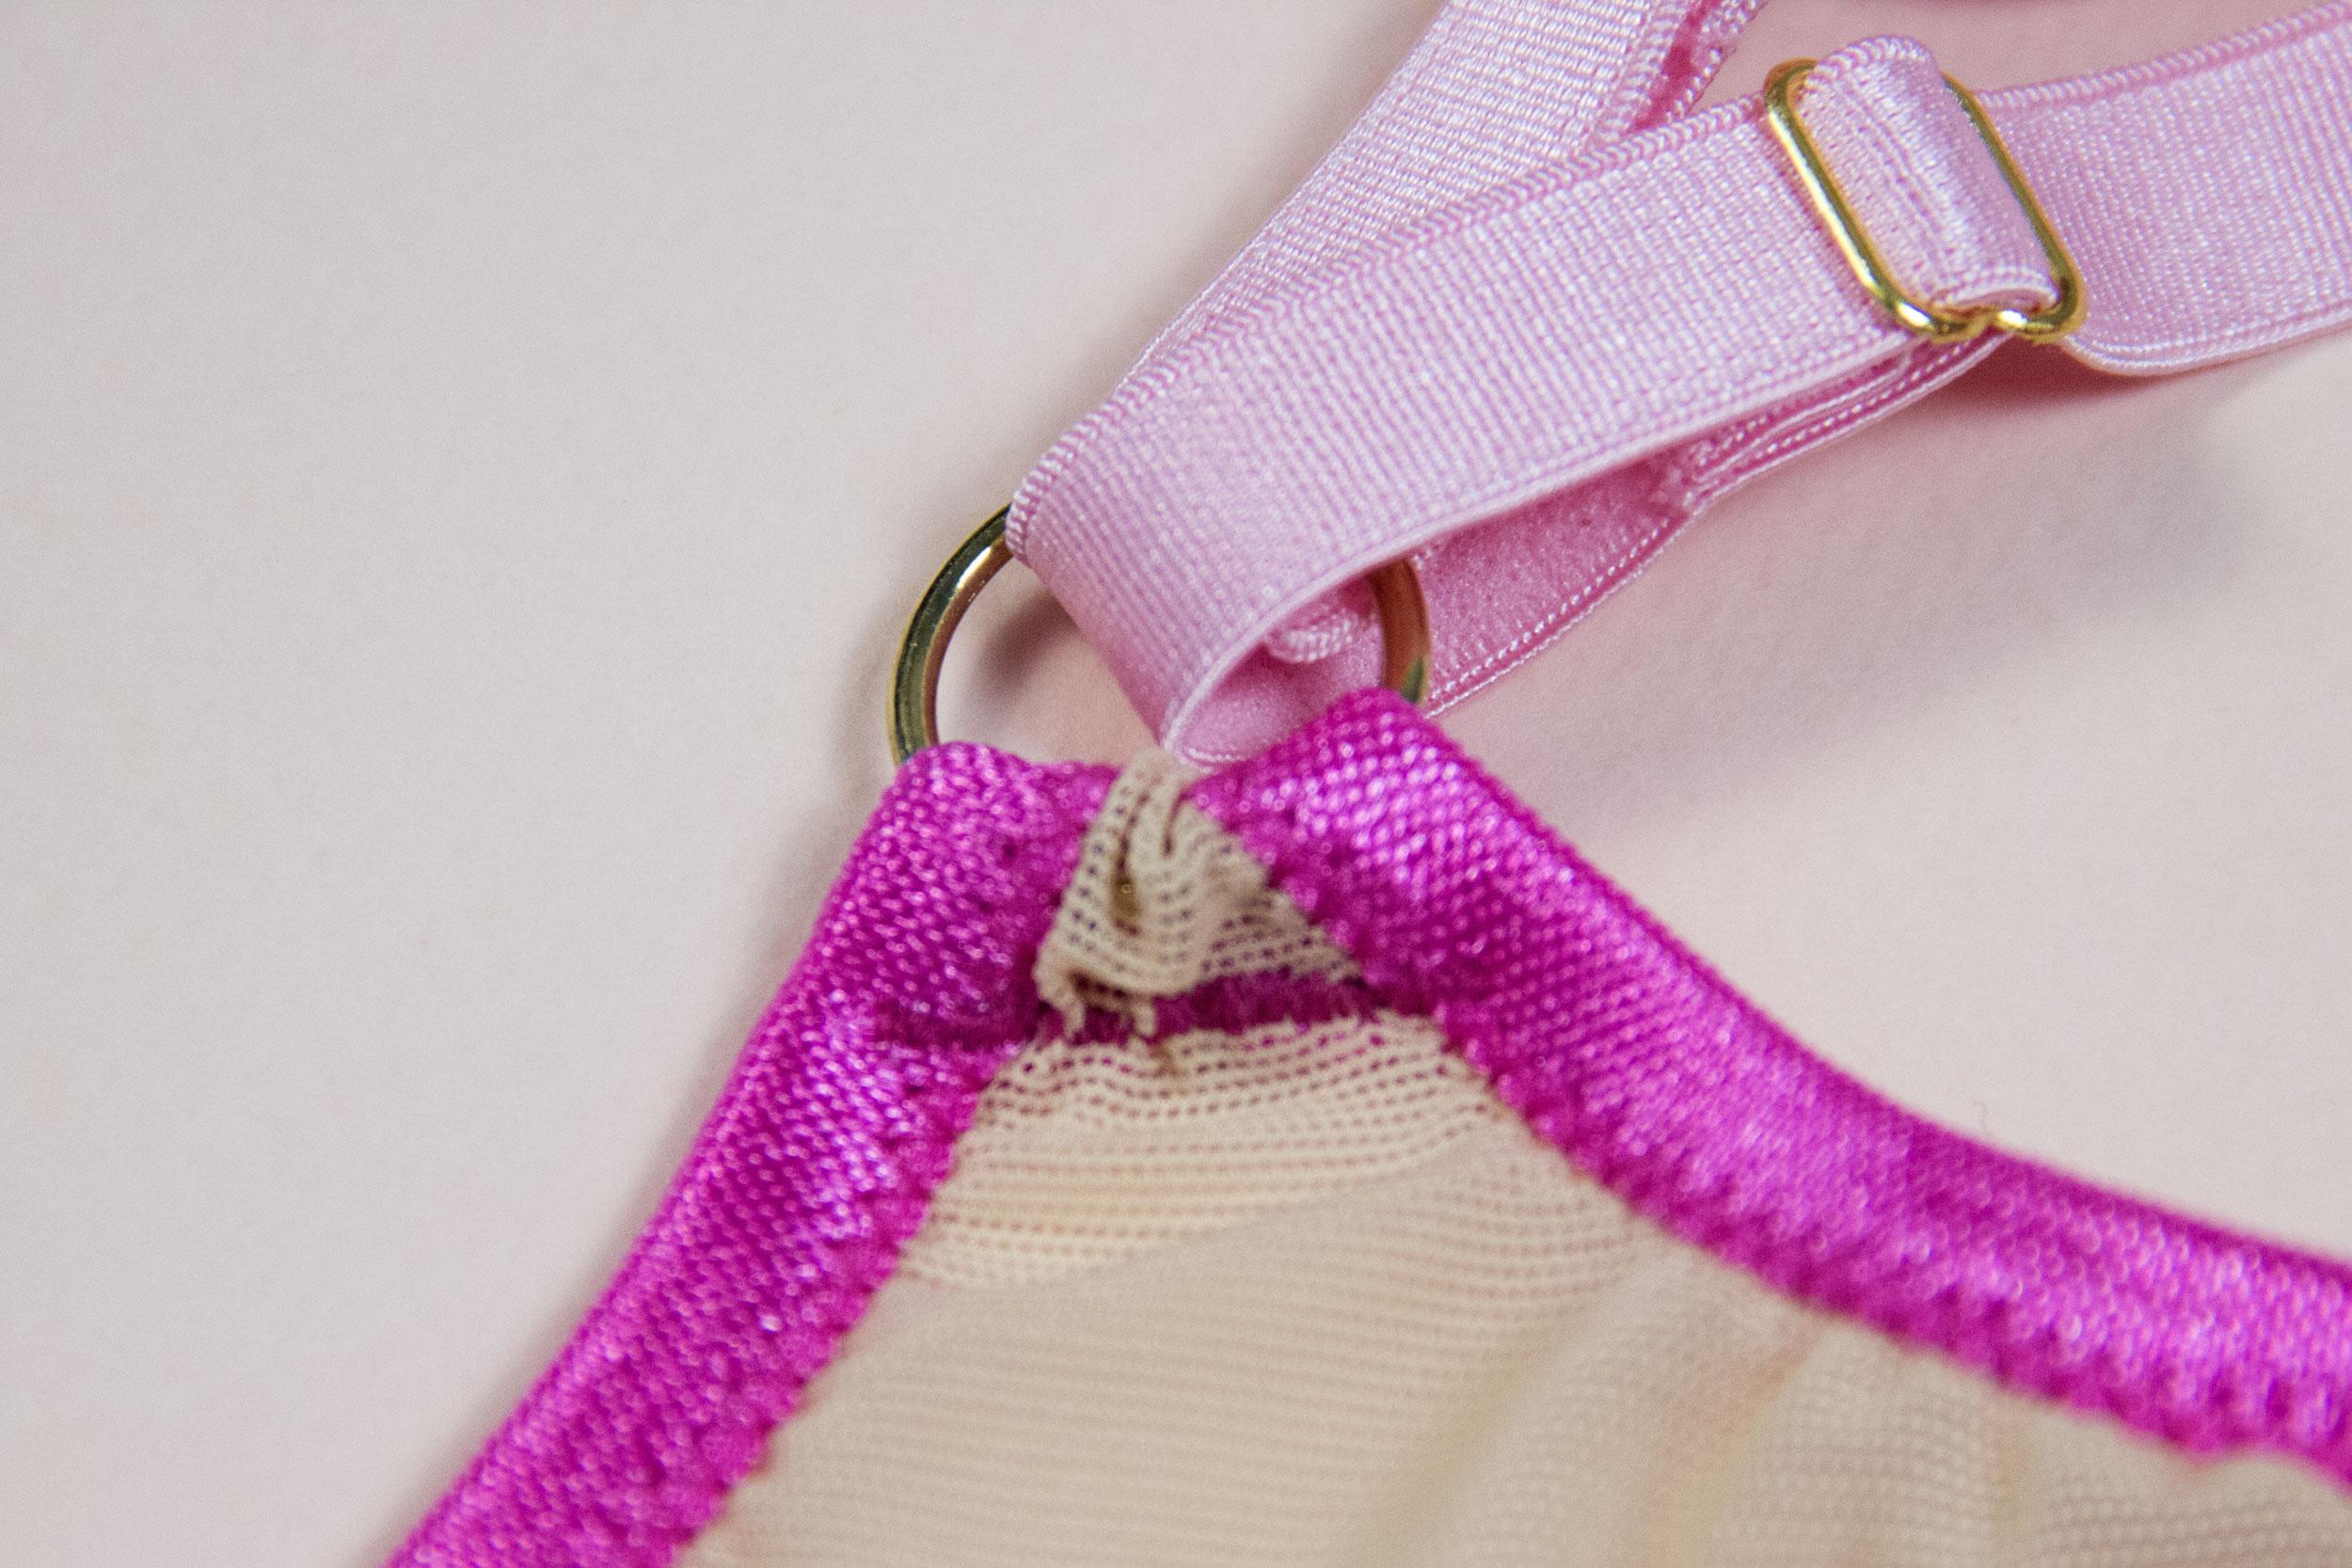 Обзор нижнего белья Love Jilty в журнале garterblog.ru